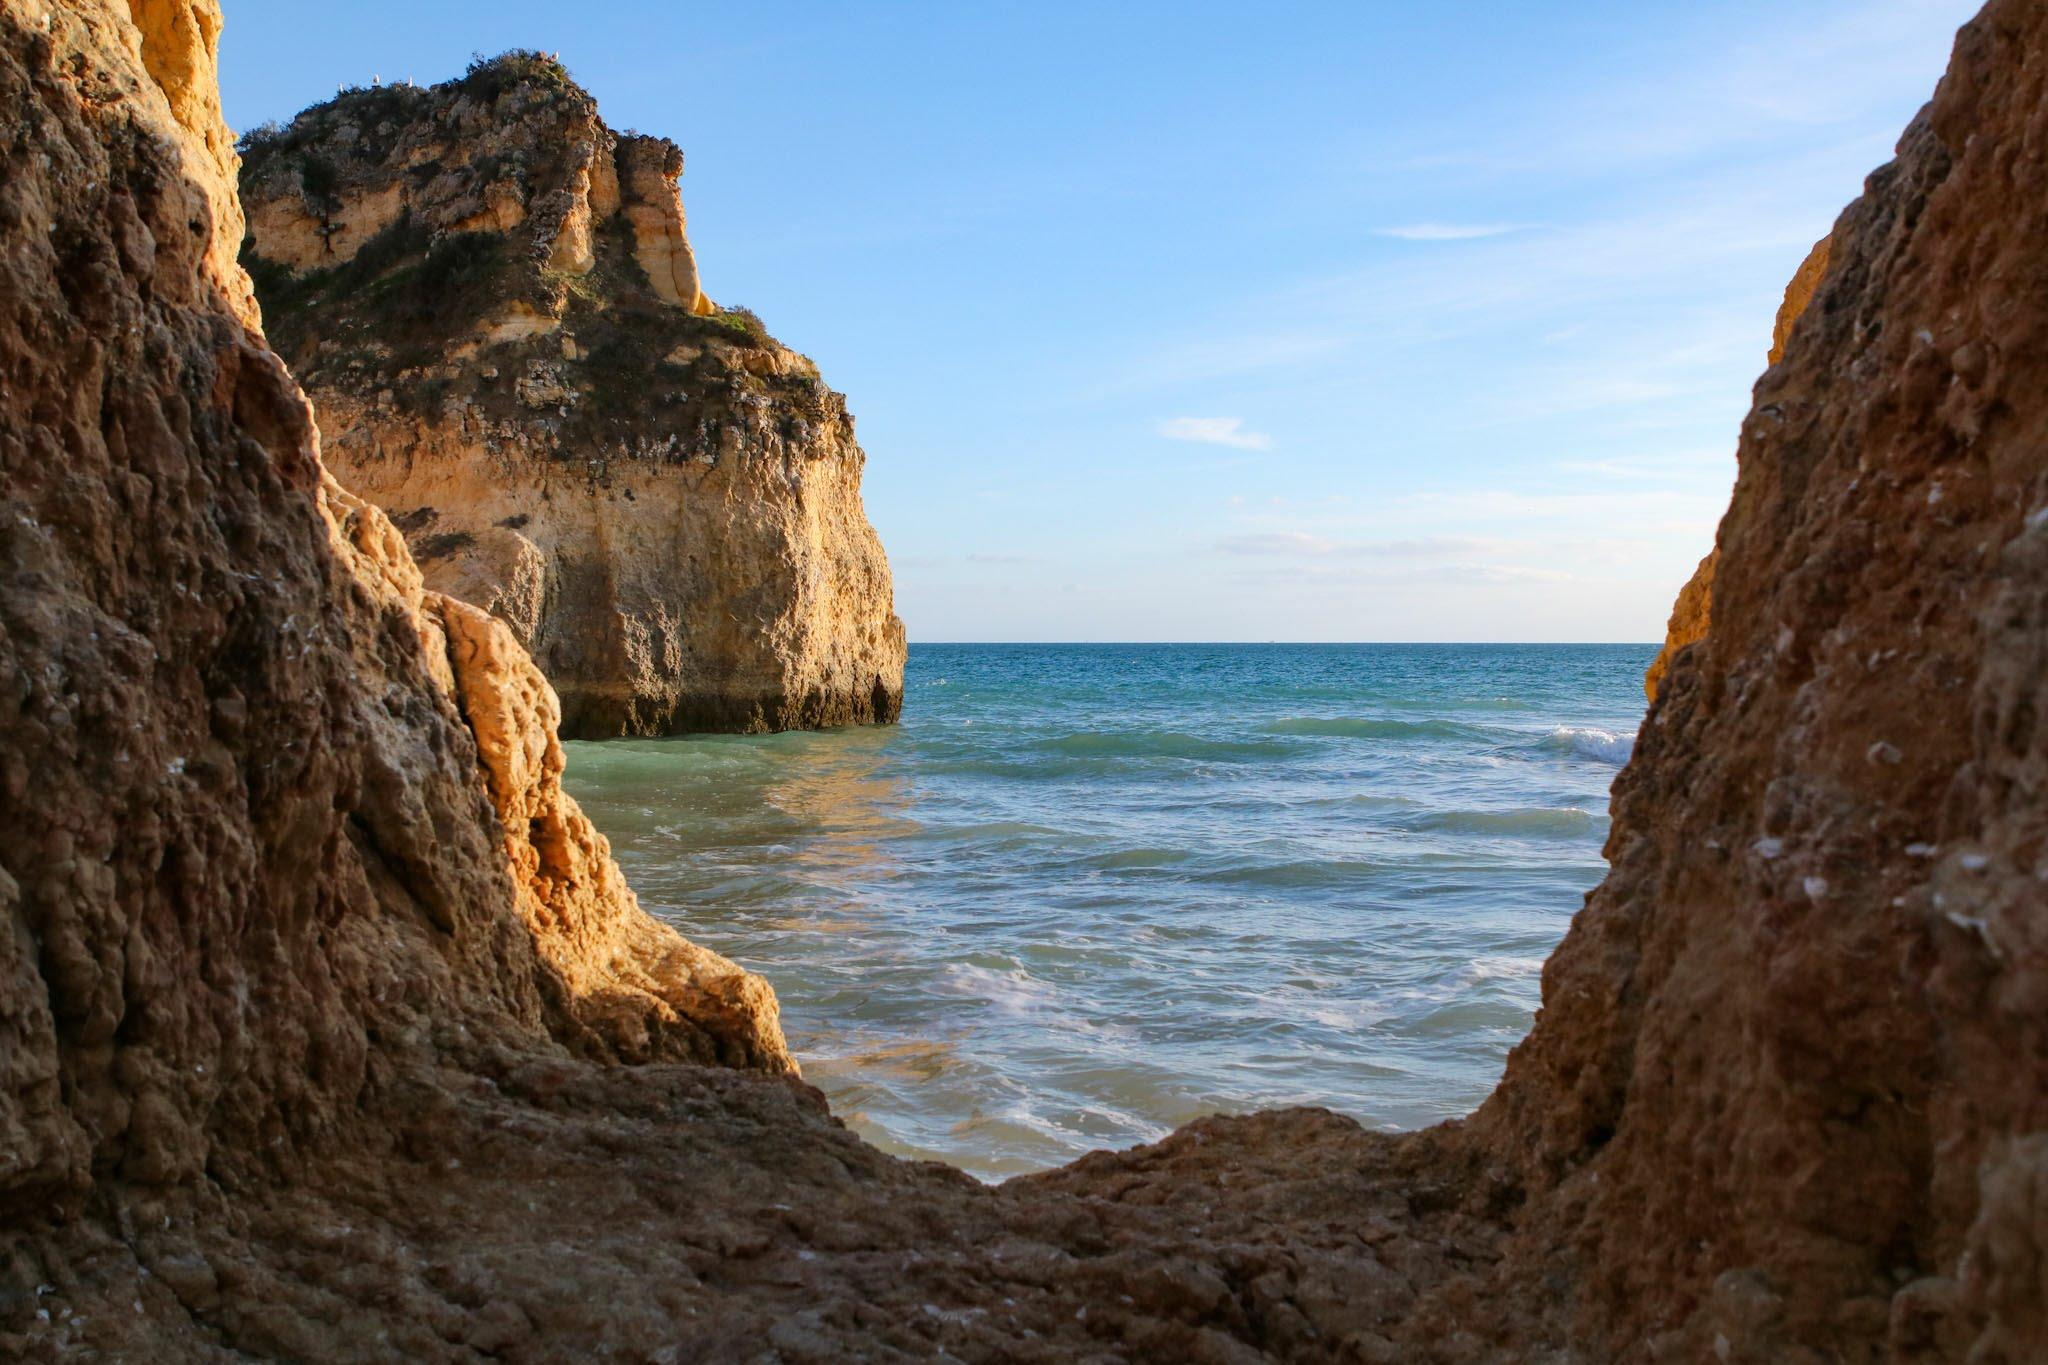 Praia_dos_Tres_Irmaos_Portimao_beleza_natural_paz_serenidade_tours_tris_algarve_vw